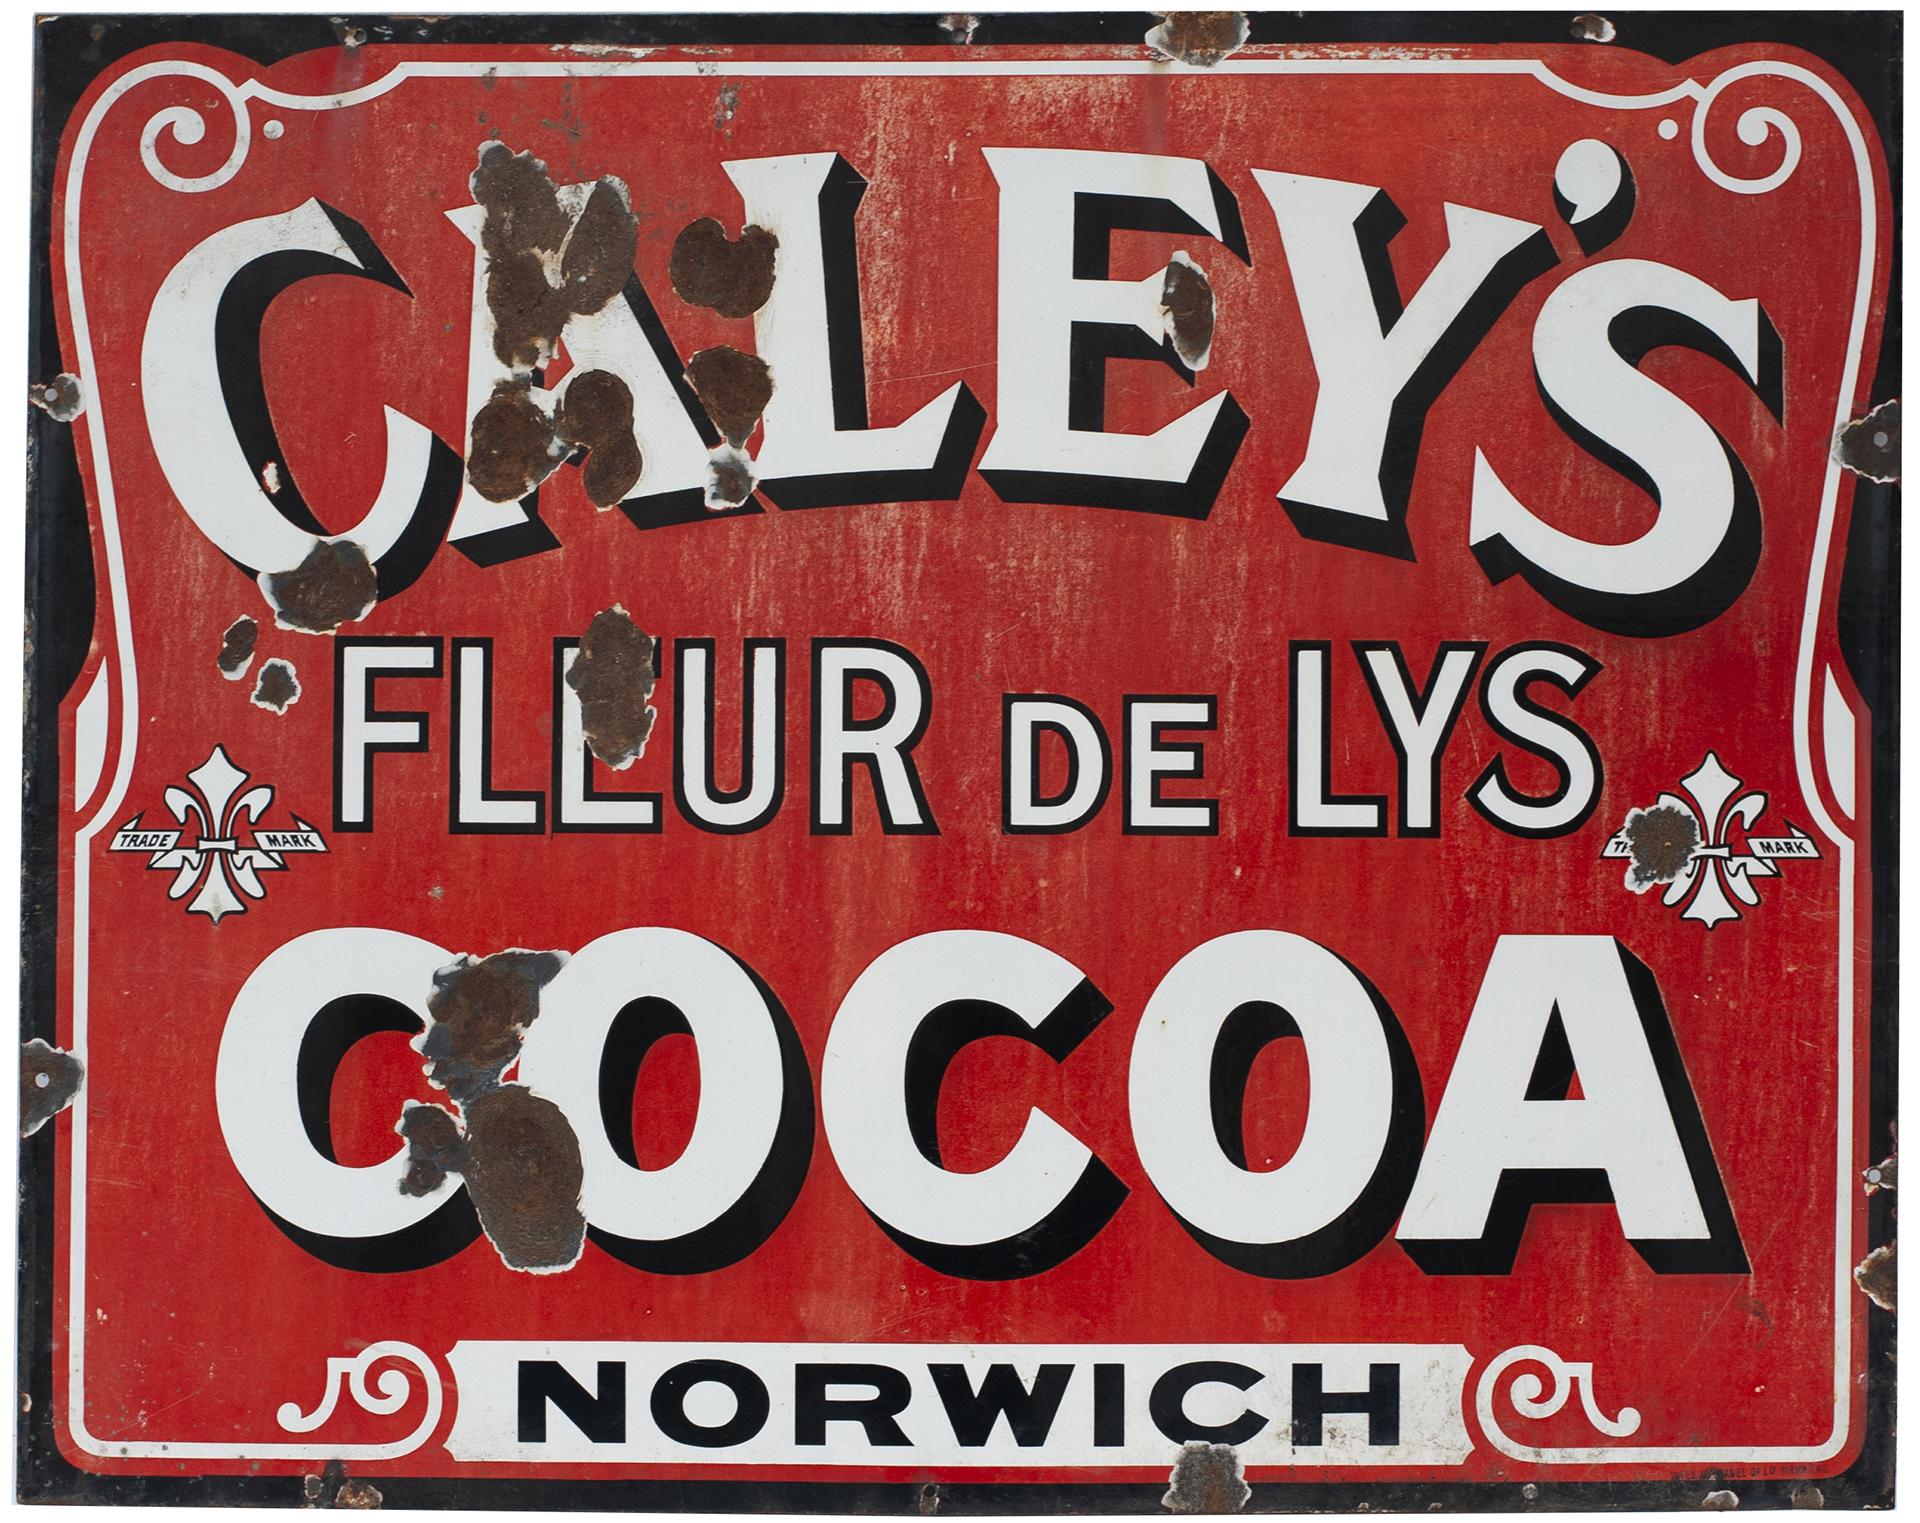 Advertising Enamel Sign CALEY'S FLEUR DE LYS COCOA